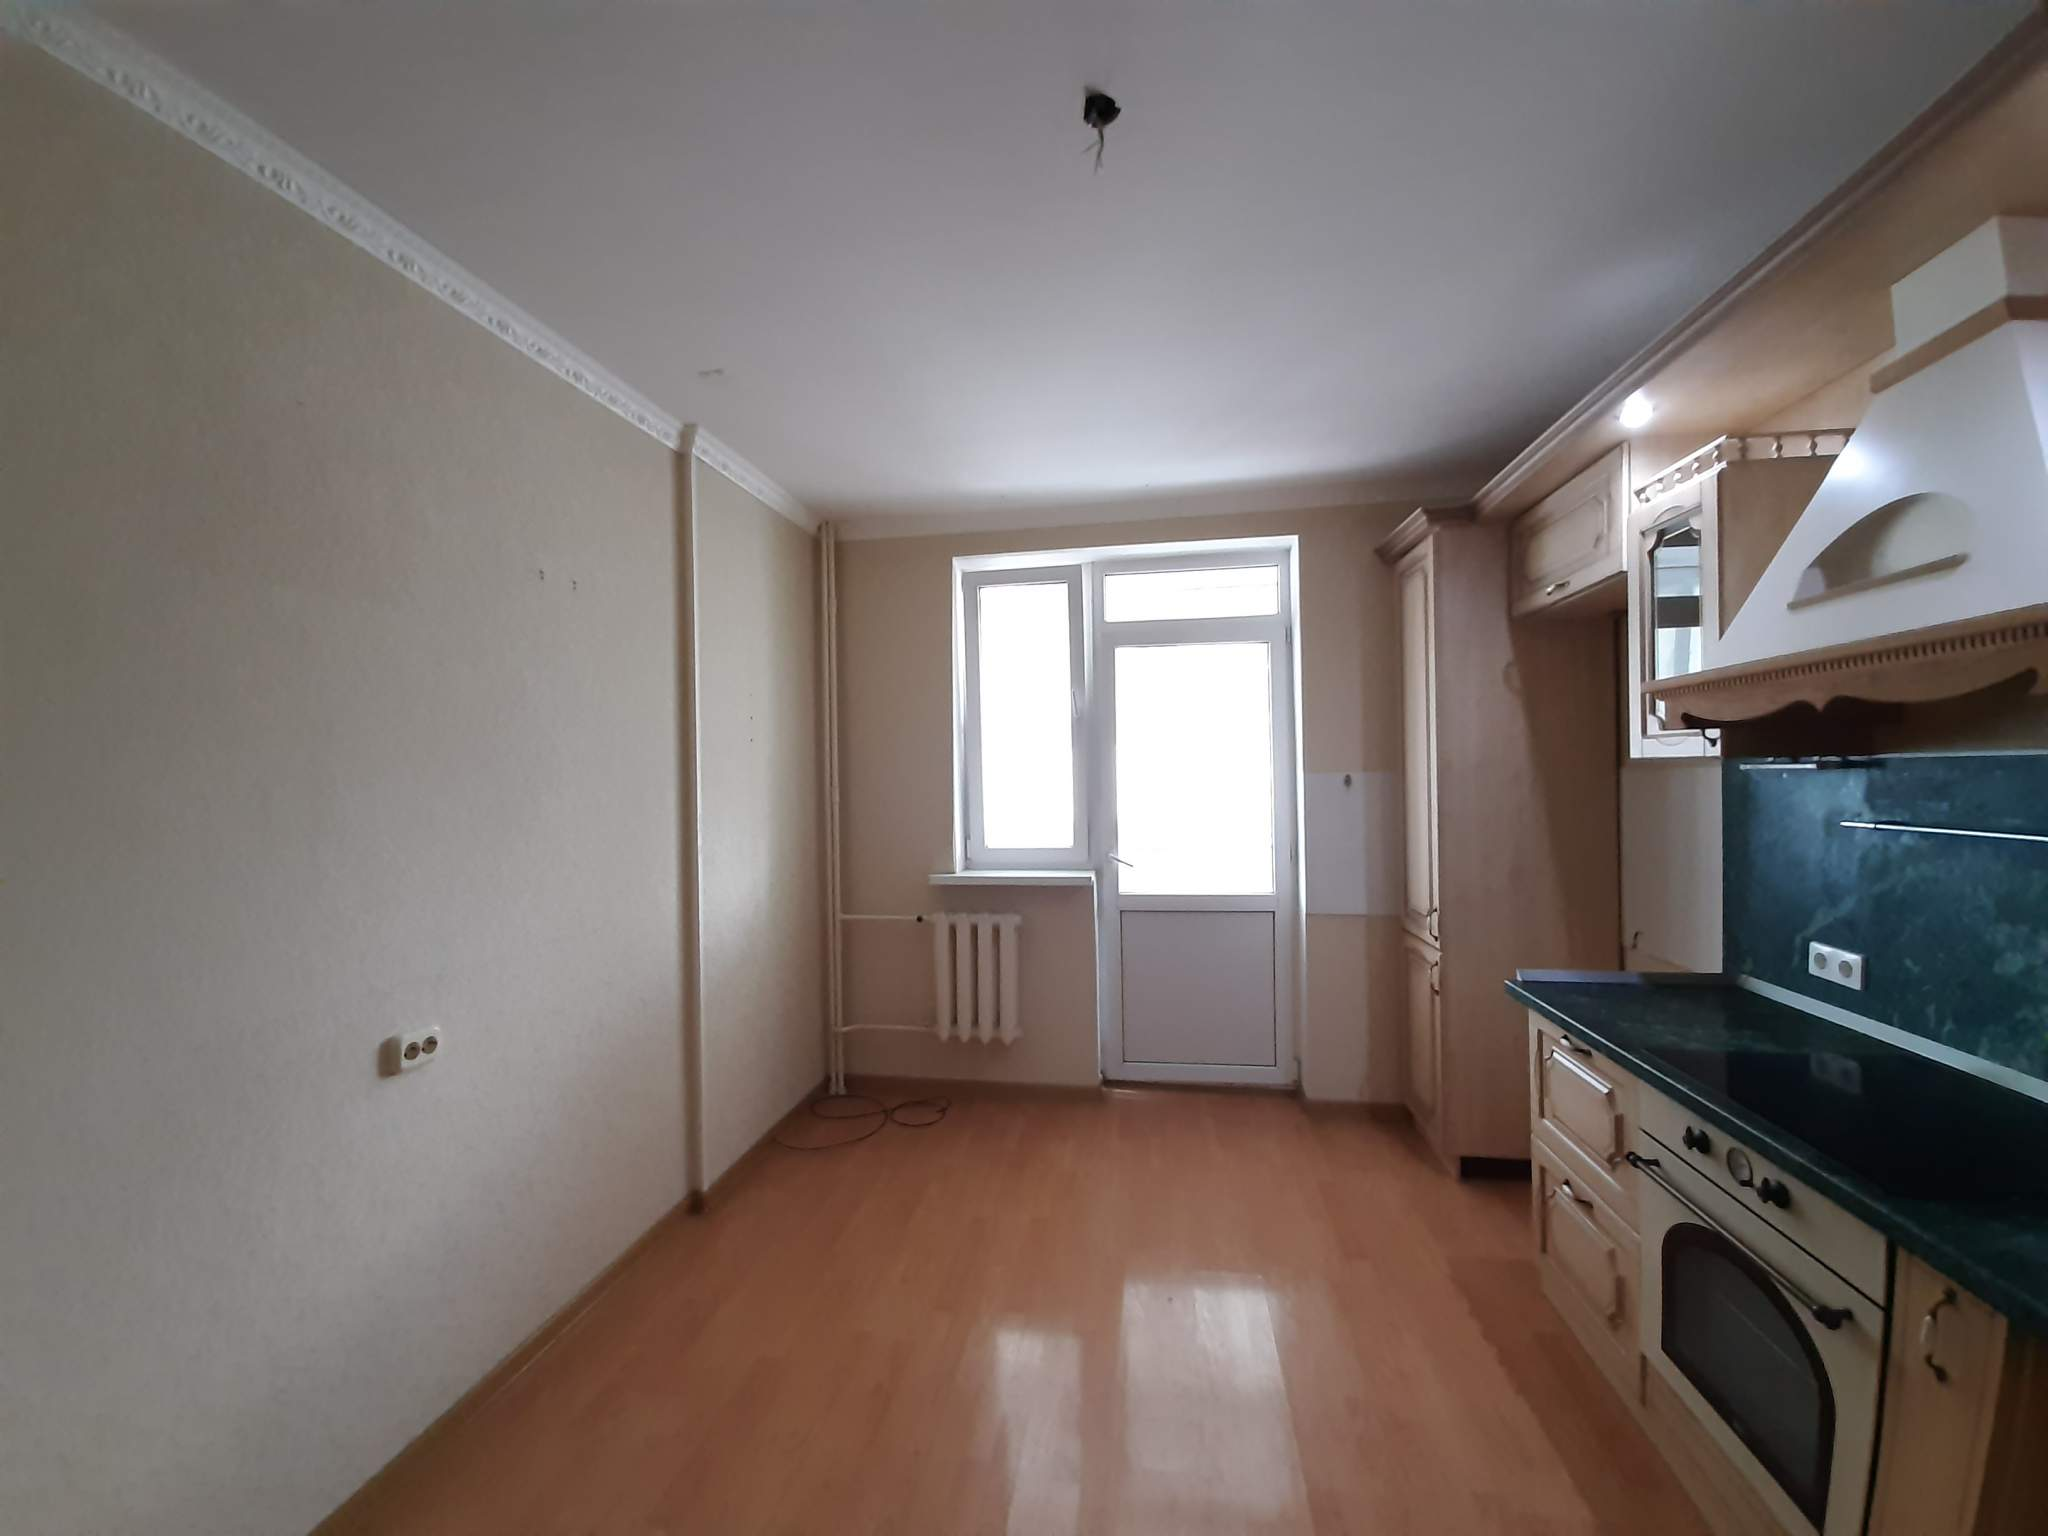 Квартира на продажу по адресу Россия, Краснодарский край, Анапский р-н, Анапа, Владимирская улица, 110к8